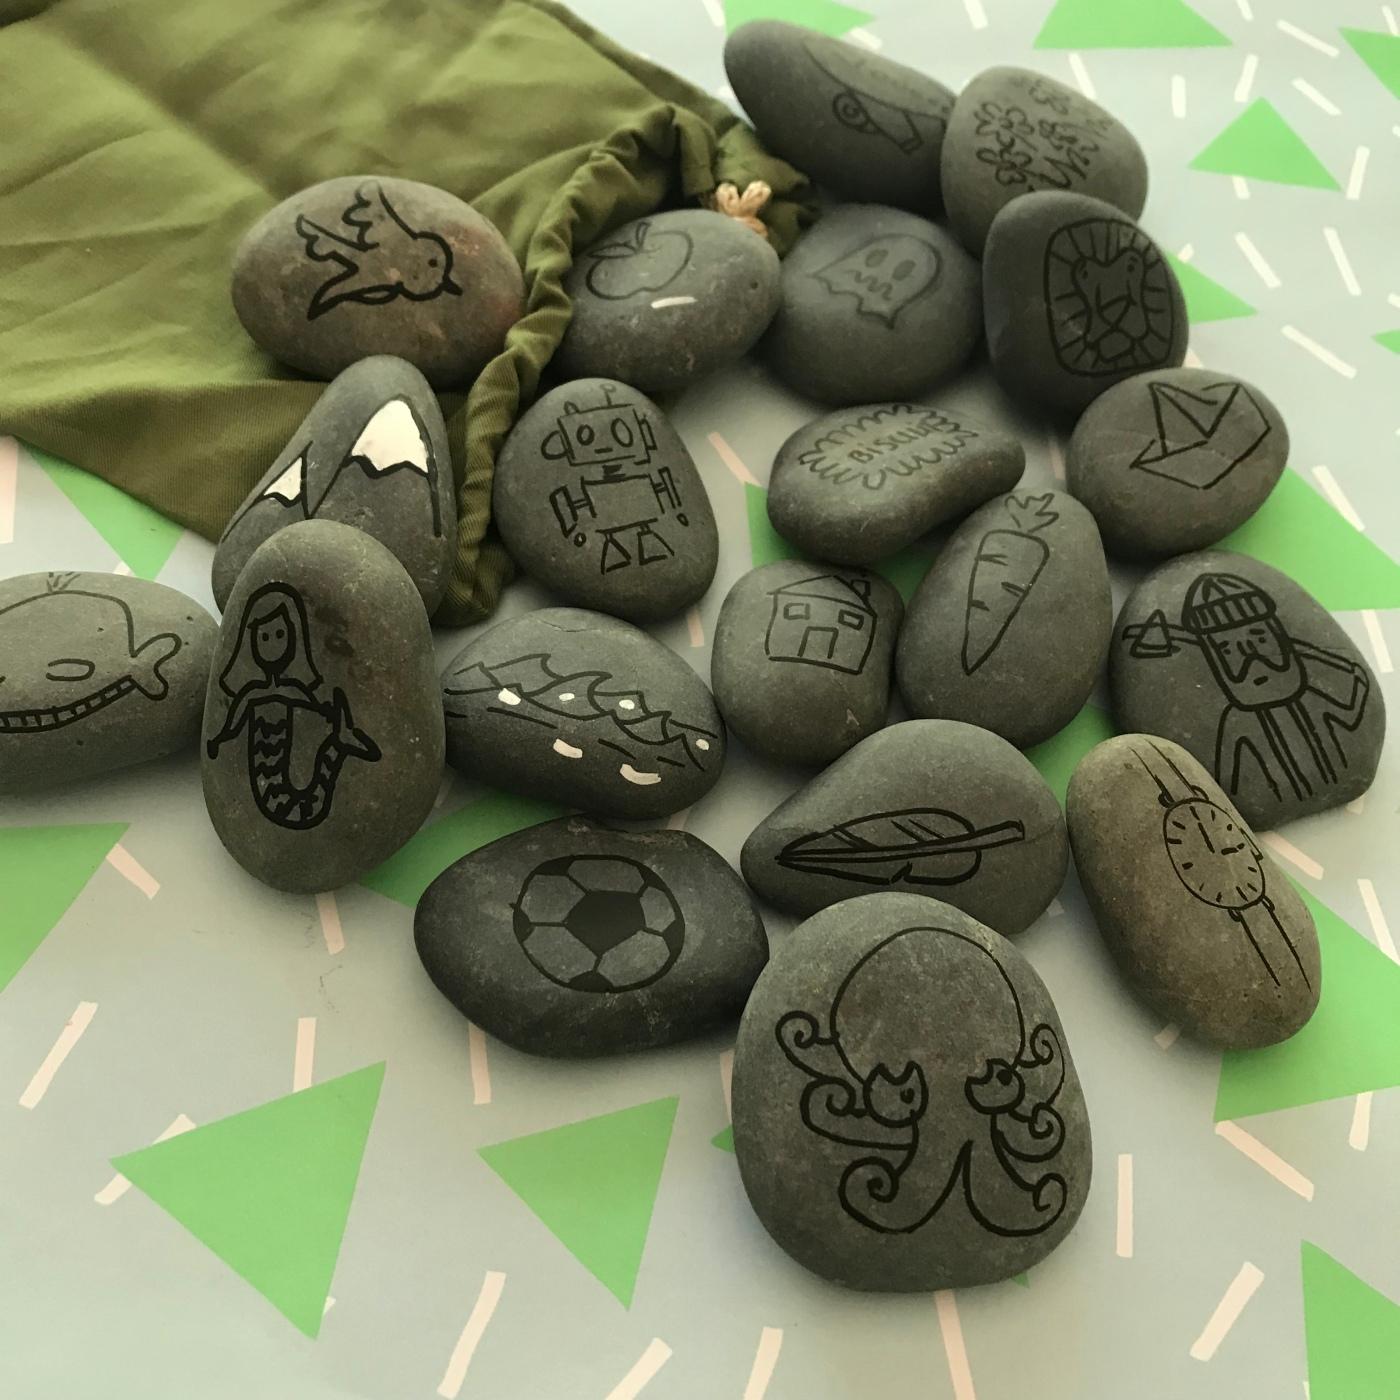 On se la raconte dessins sur galets jeu pour raconter des histoires DIY été plage craft bricolage enfant Image à la une